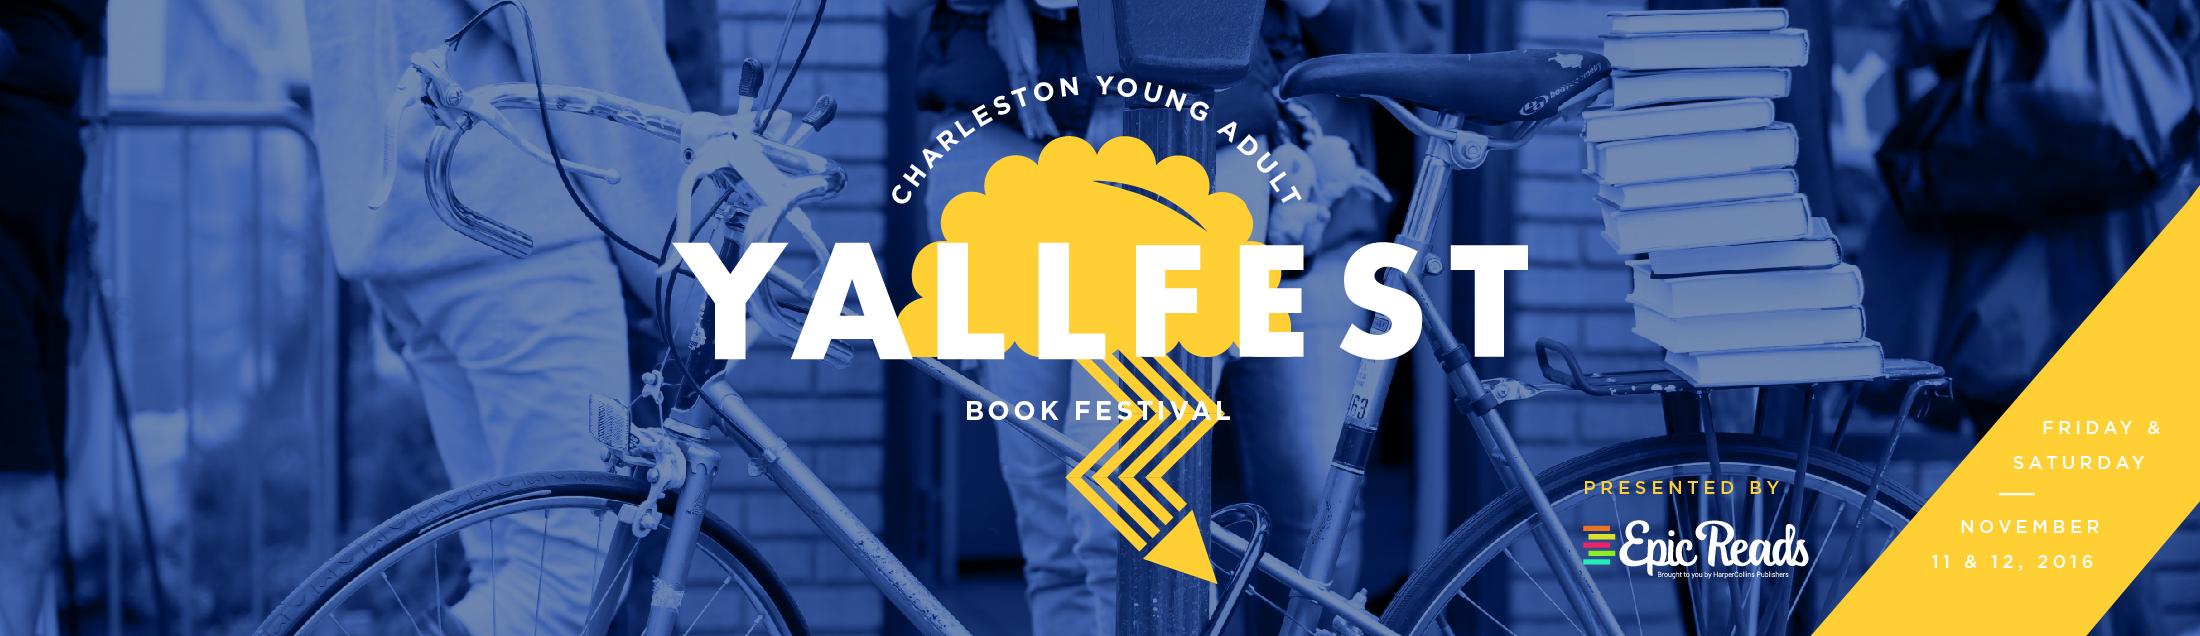 YALLfest banner 2016.jpg